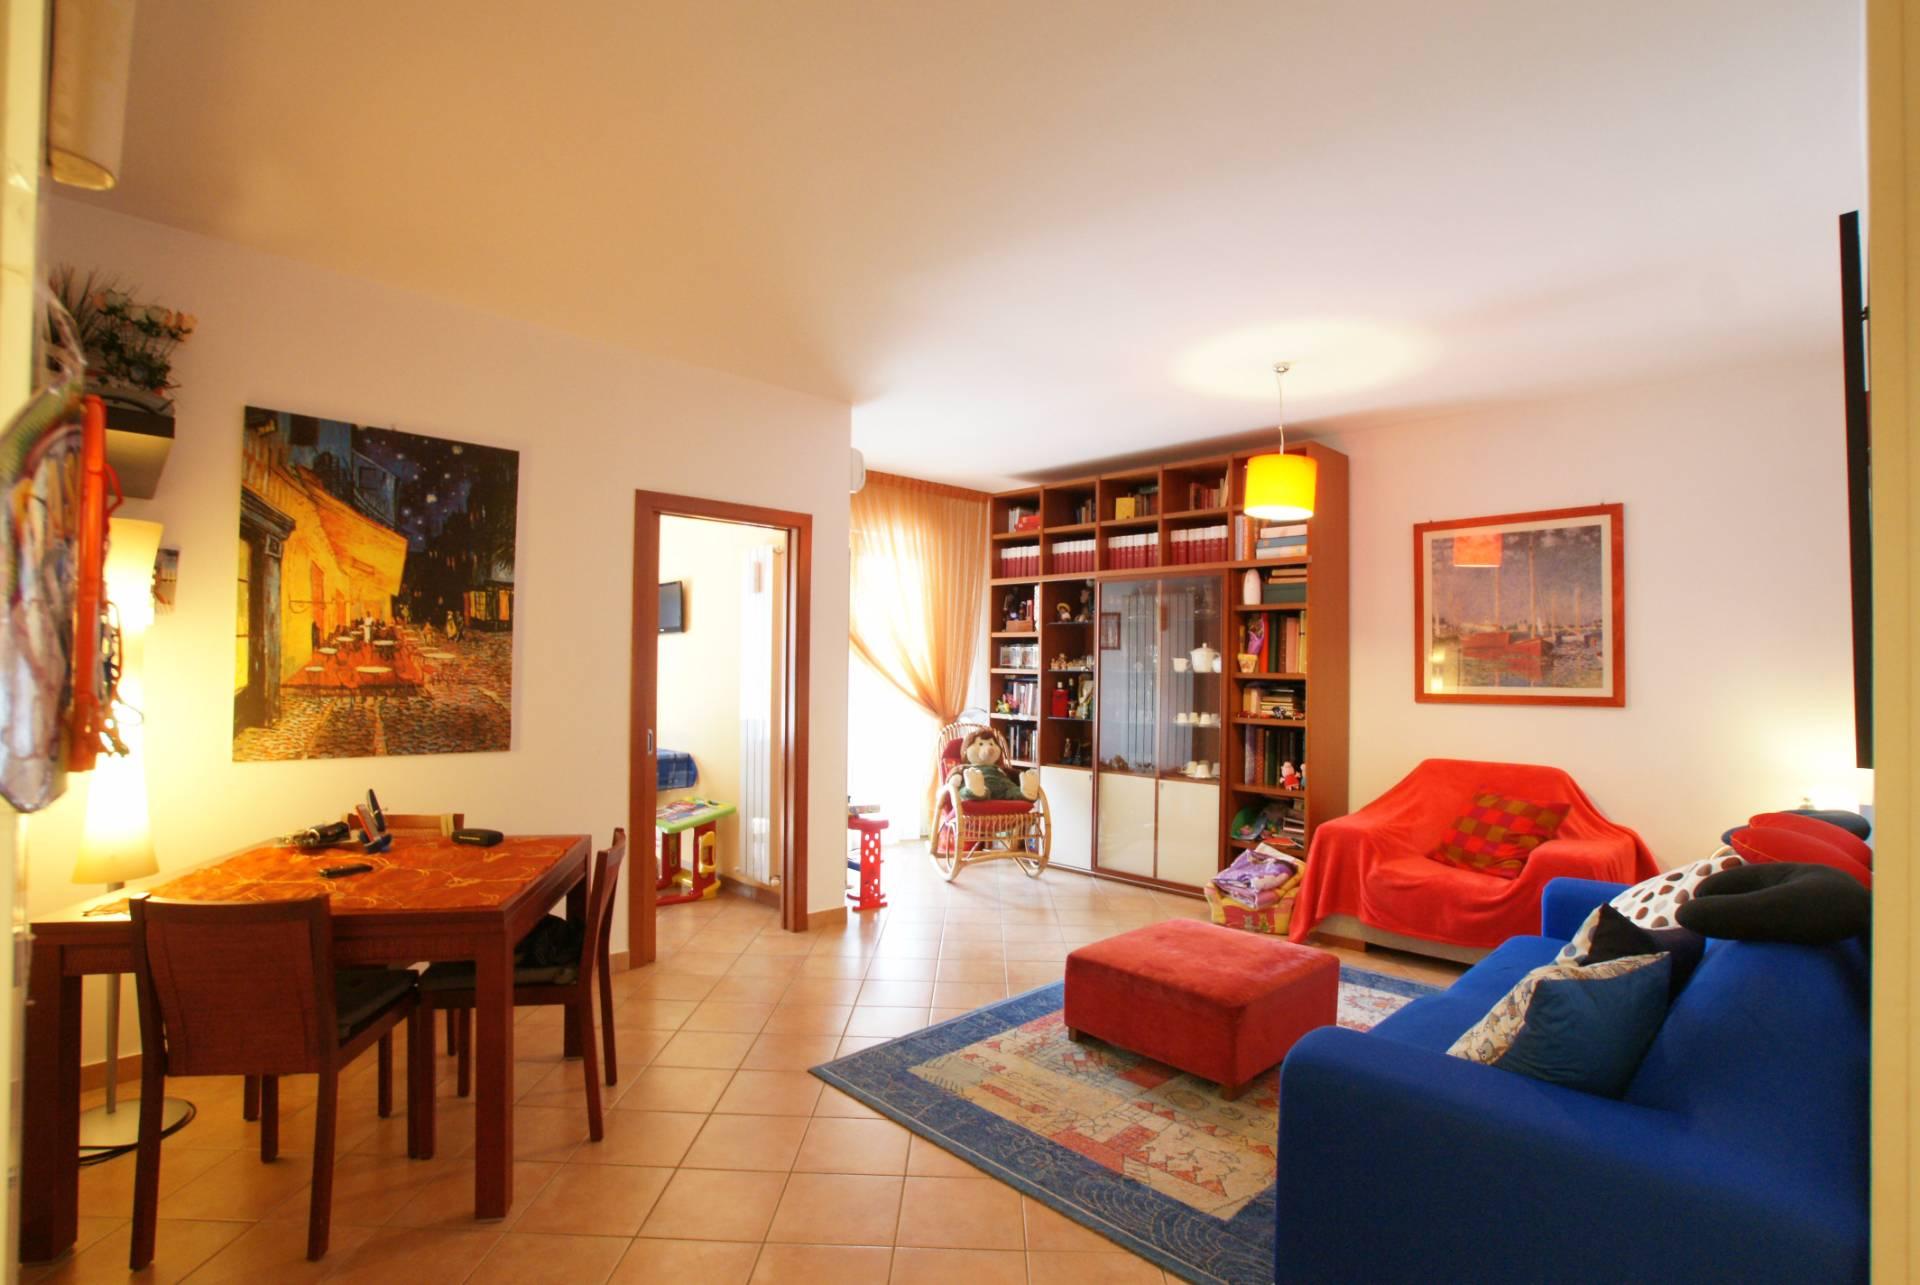 Appartamento in vendita a Tortoreto, 5 locali, zona Località: TortoretoLido, prezzo € 175.000 | Cambio Casa.it